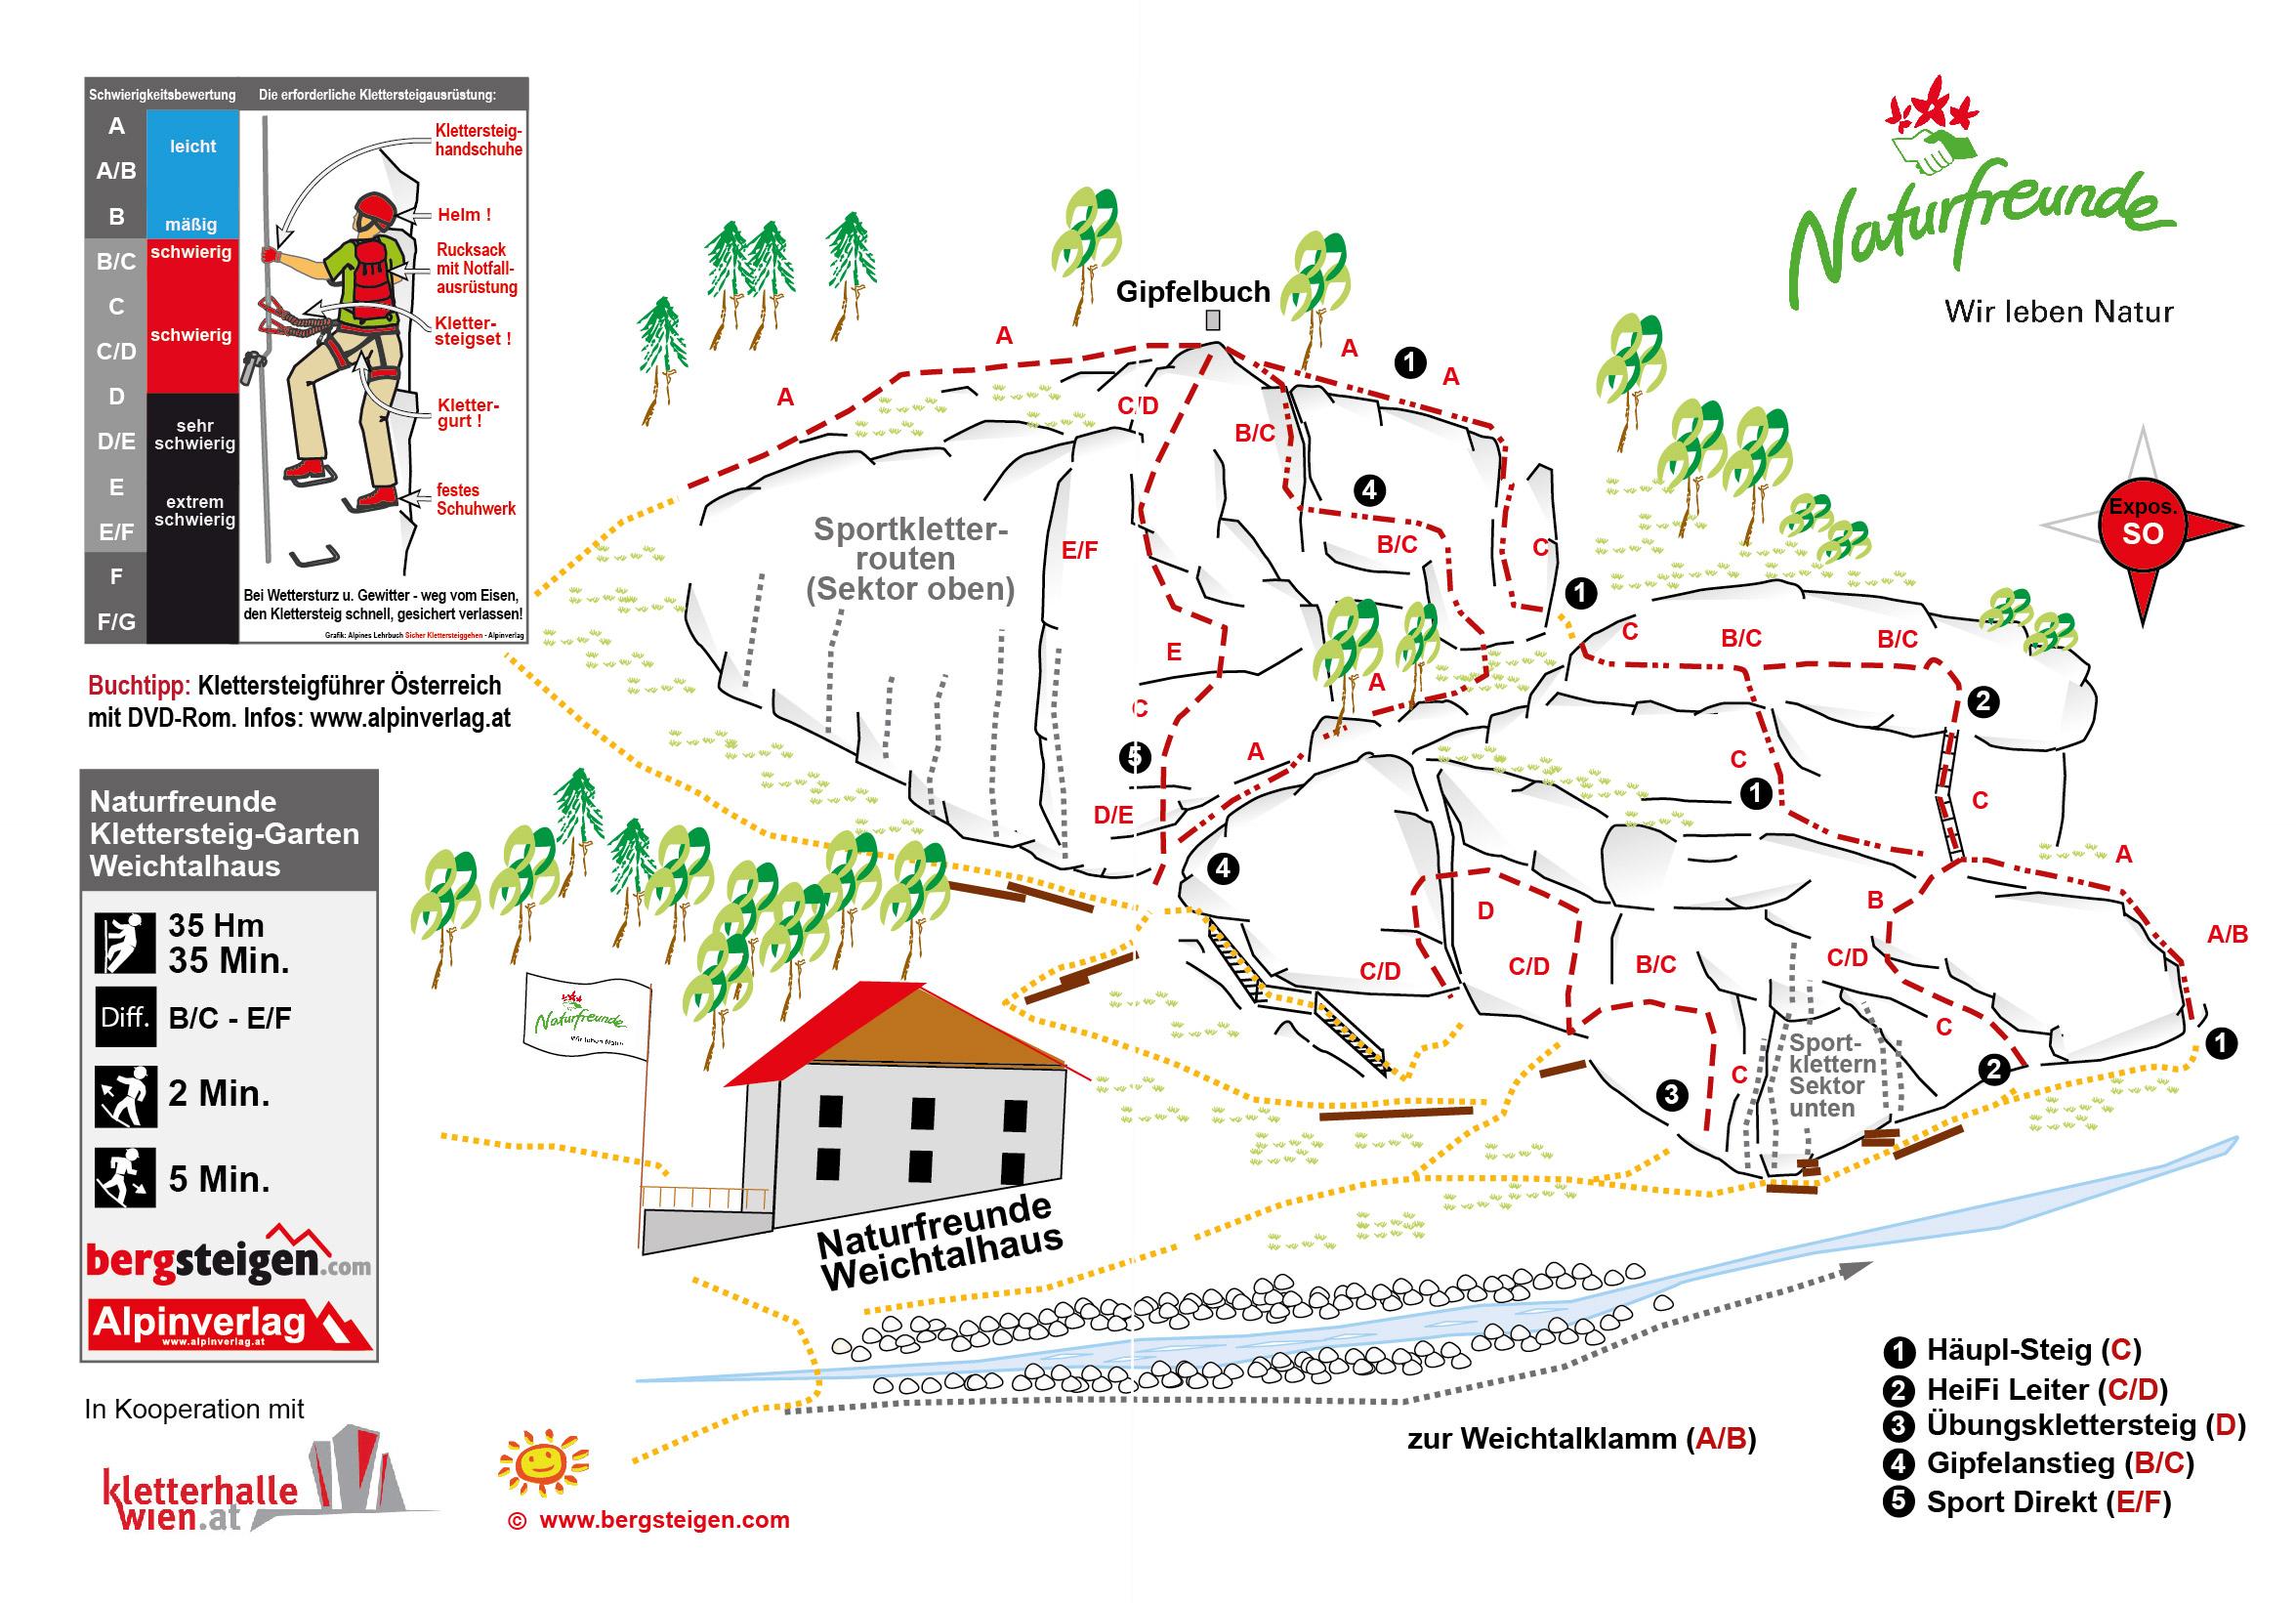 Naturfreunde Klettersteig Garten Weichtalhaus Bergsteigencom